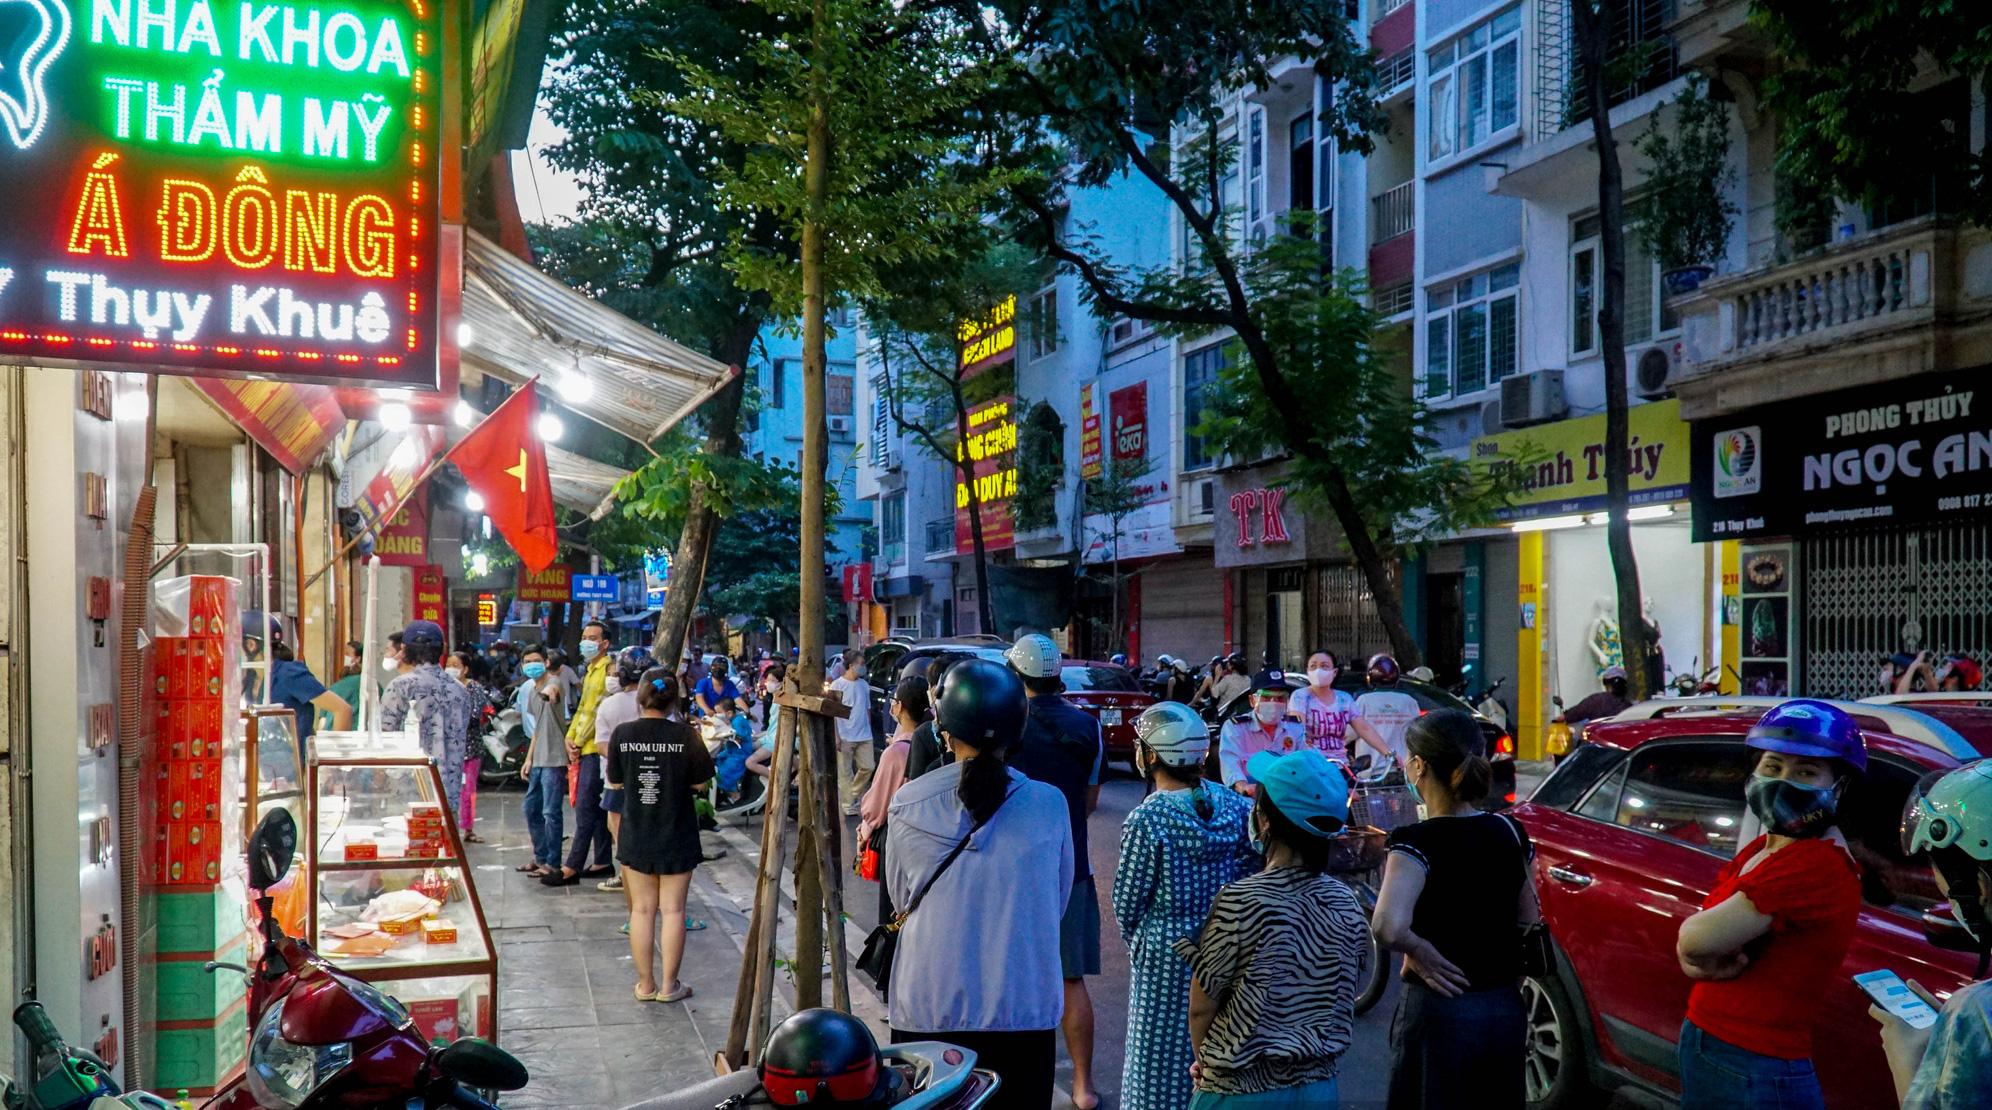 Hà Nội: Người dân xếp hàng dài mua bánh trung thu, giao thông ùn tắc